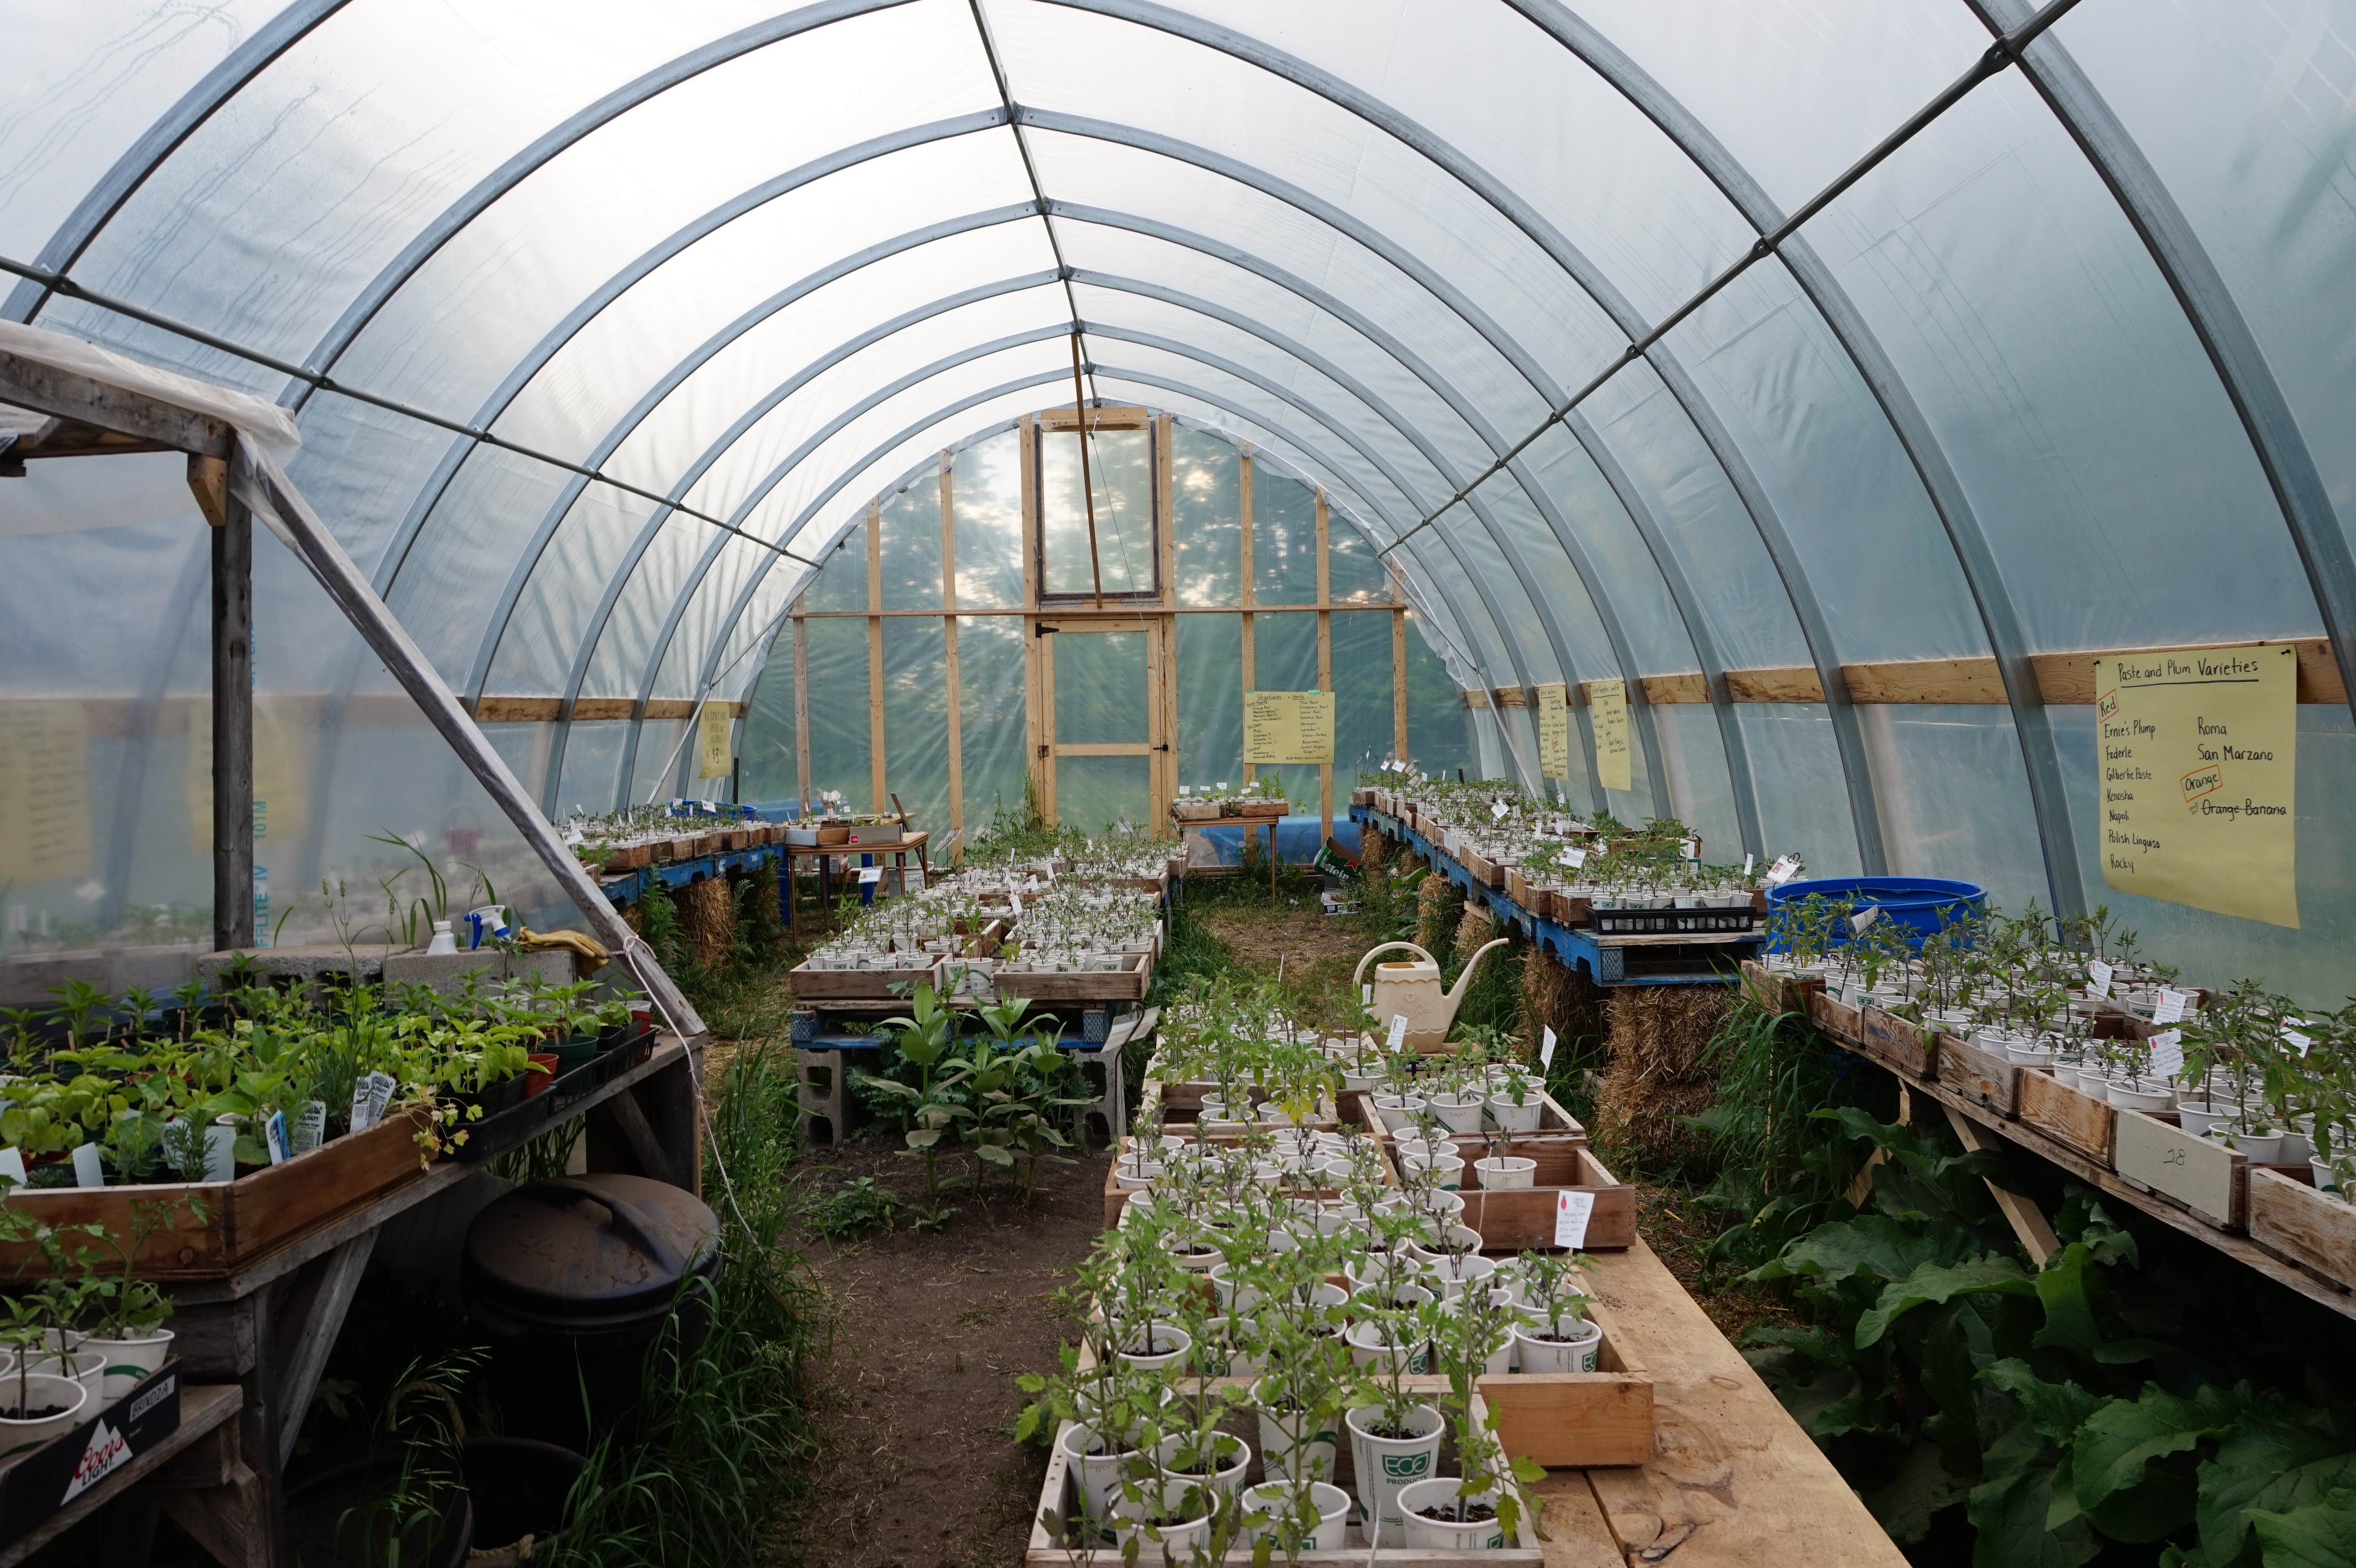 Tomato Sale in the greenhouse